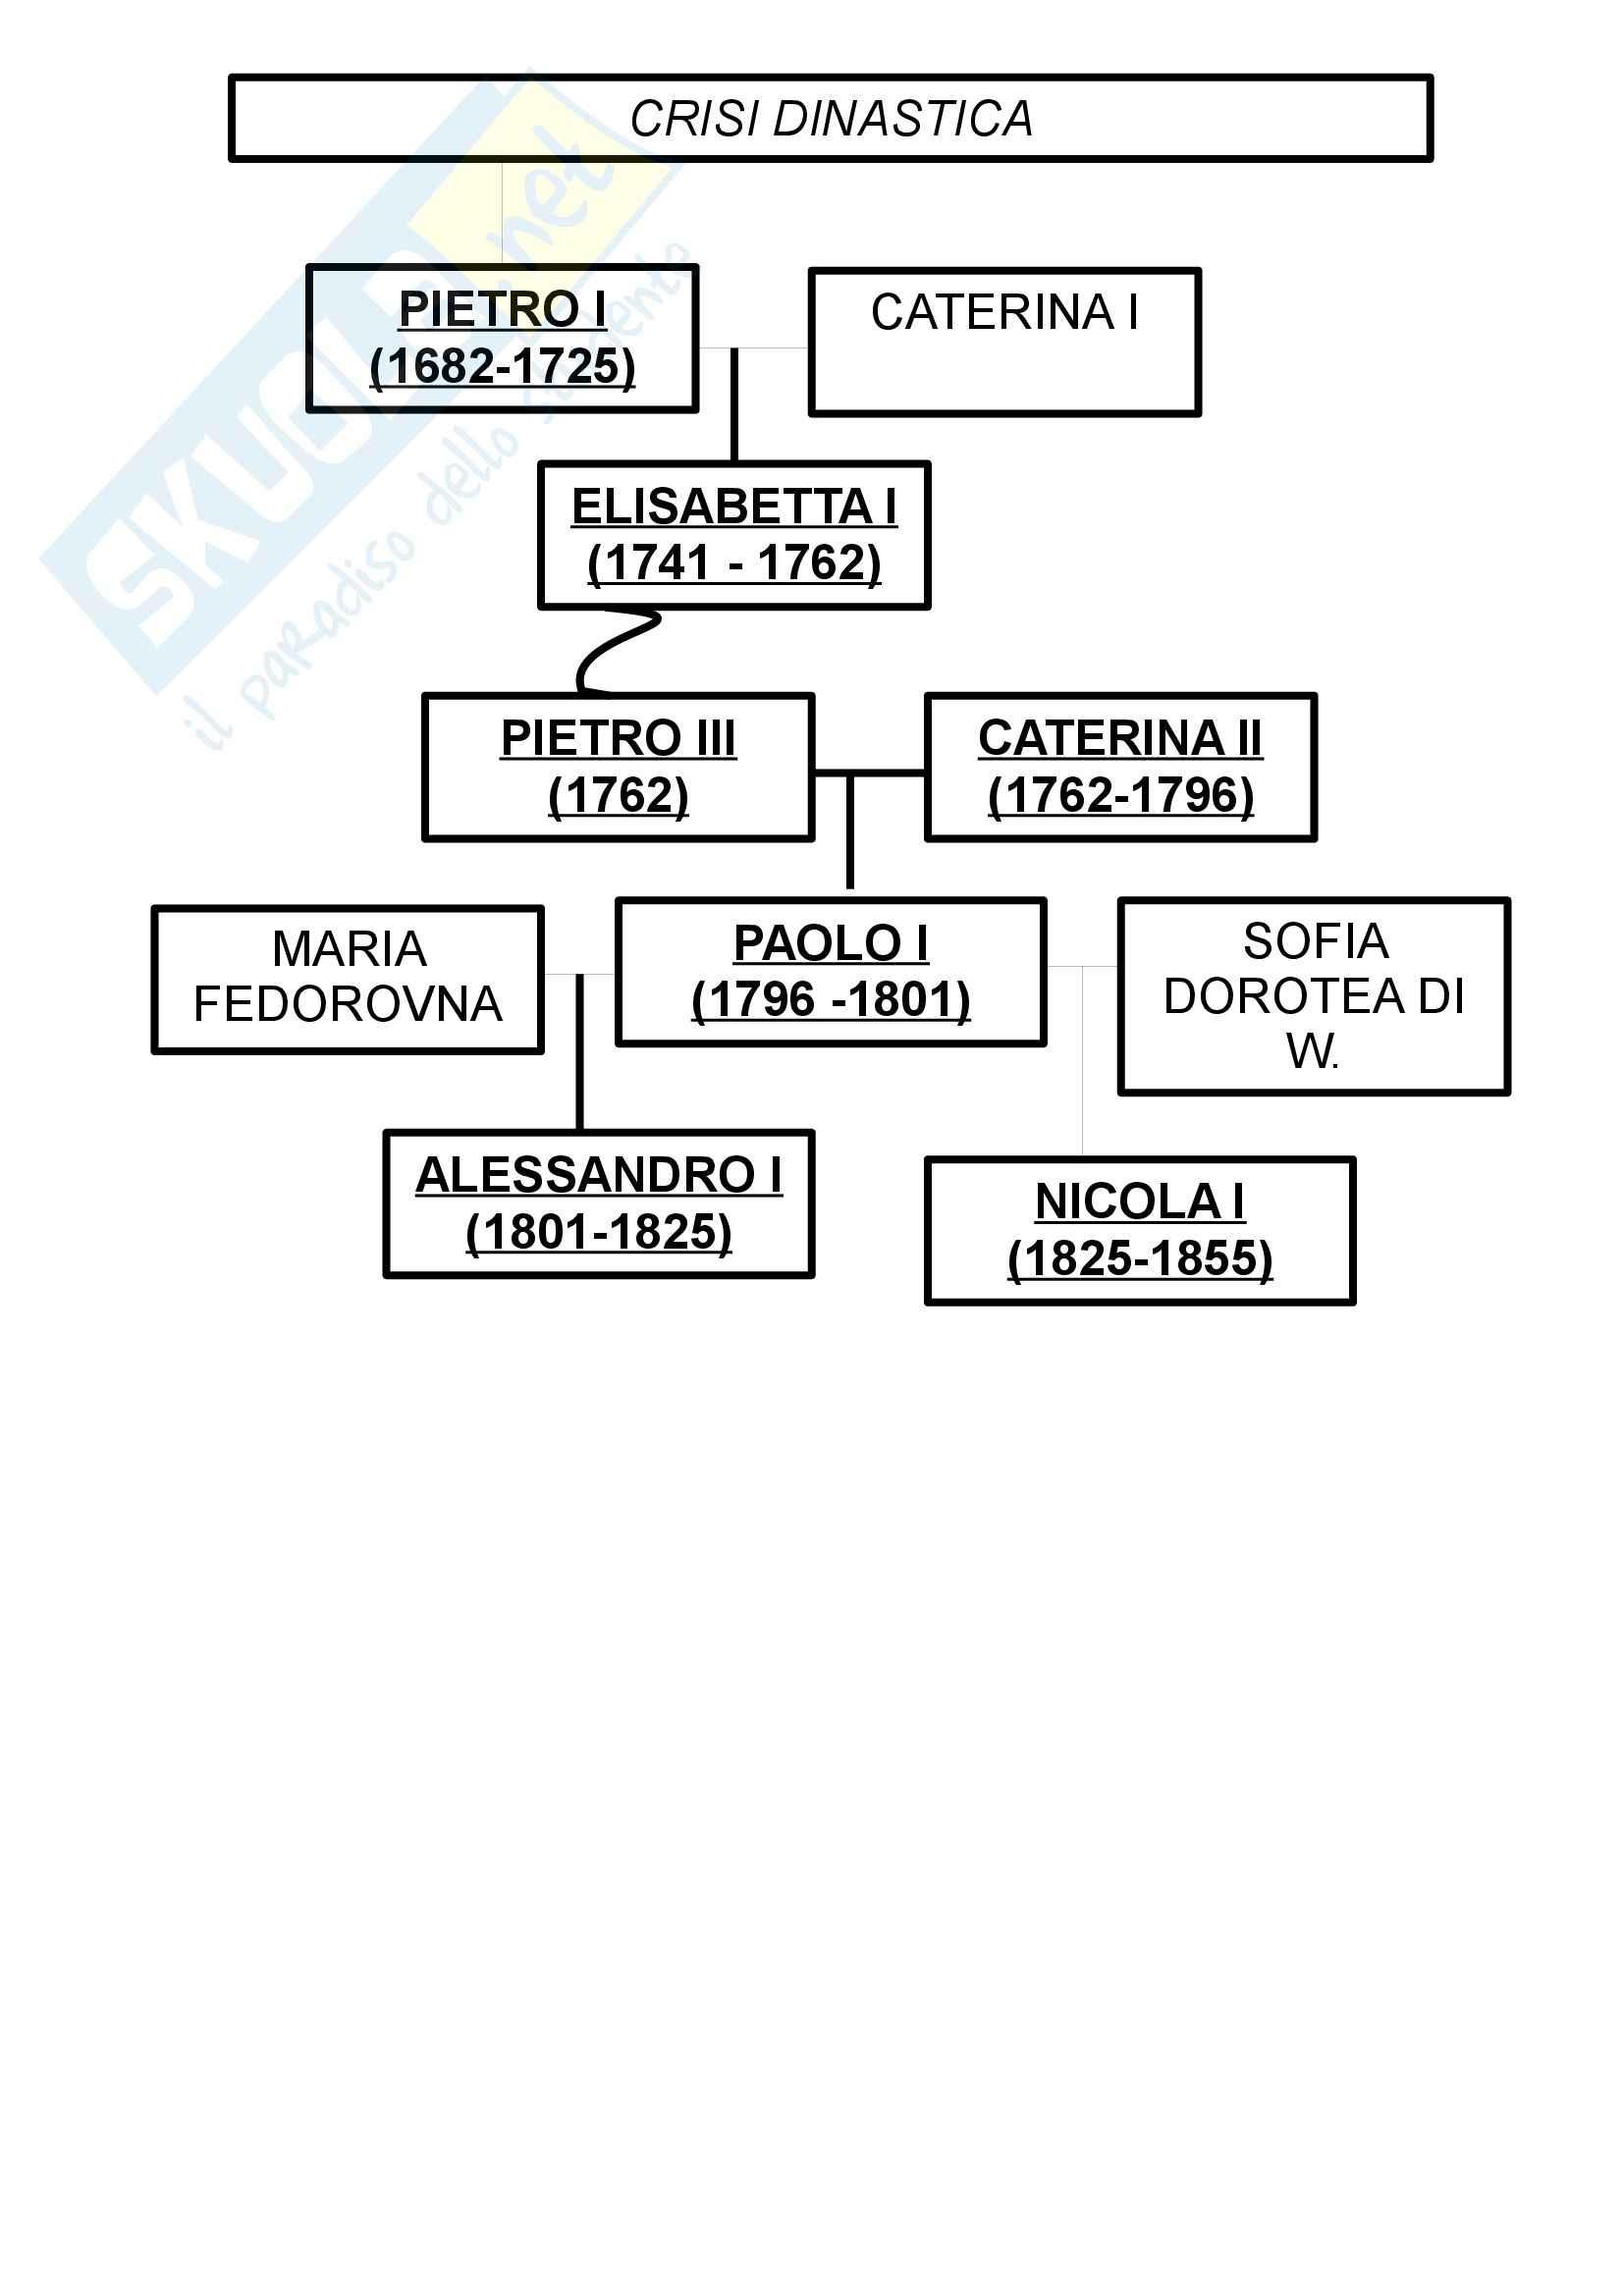 Storia moderna - le dinastie regnanti dell'età moderna Pag. 16